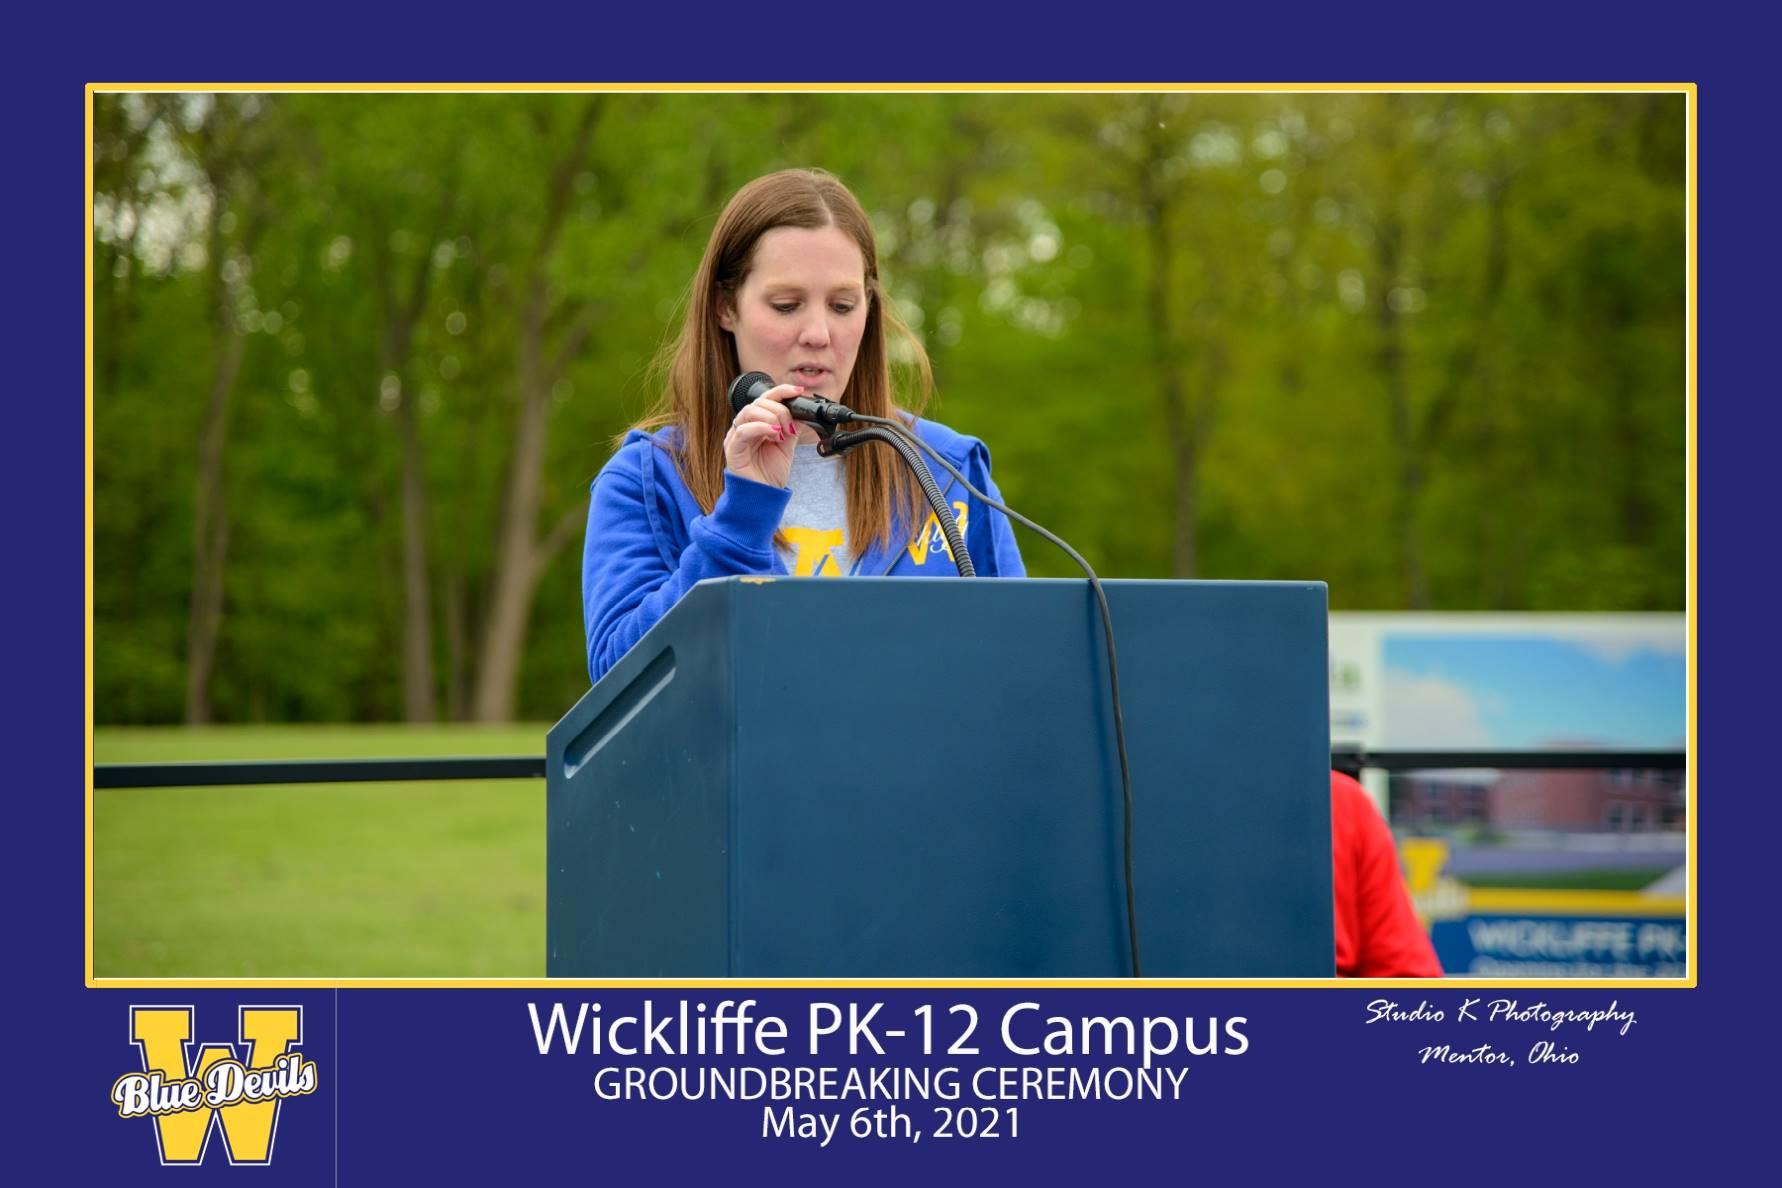 Wickliffe BOE President Speaking